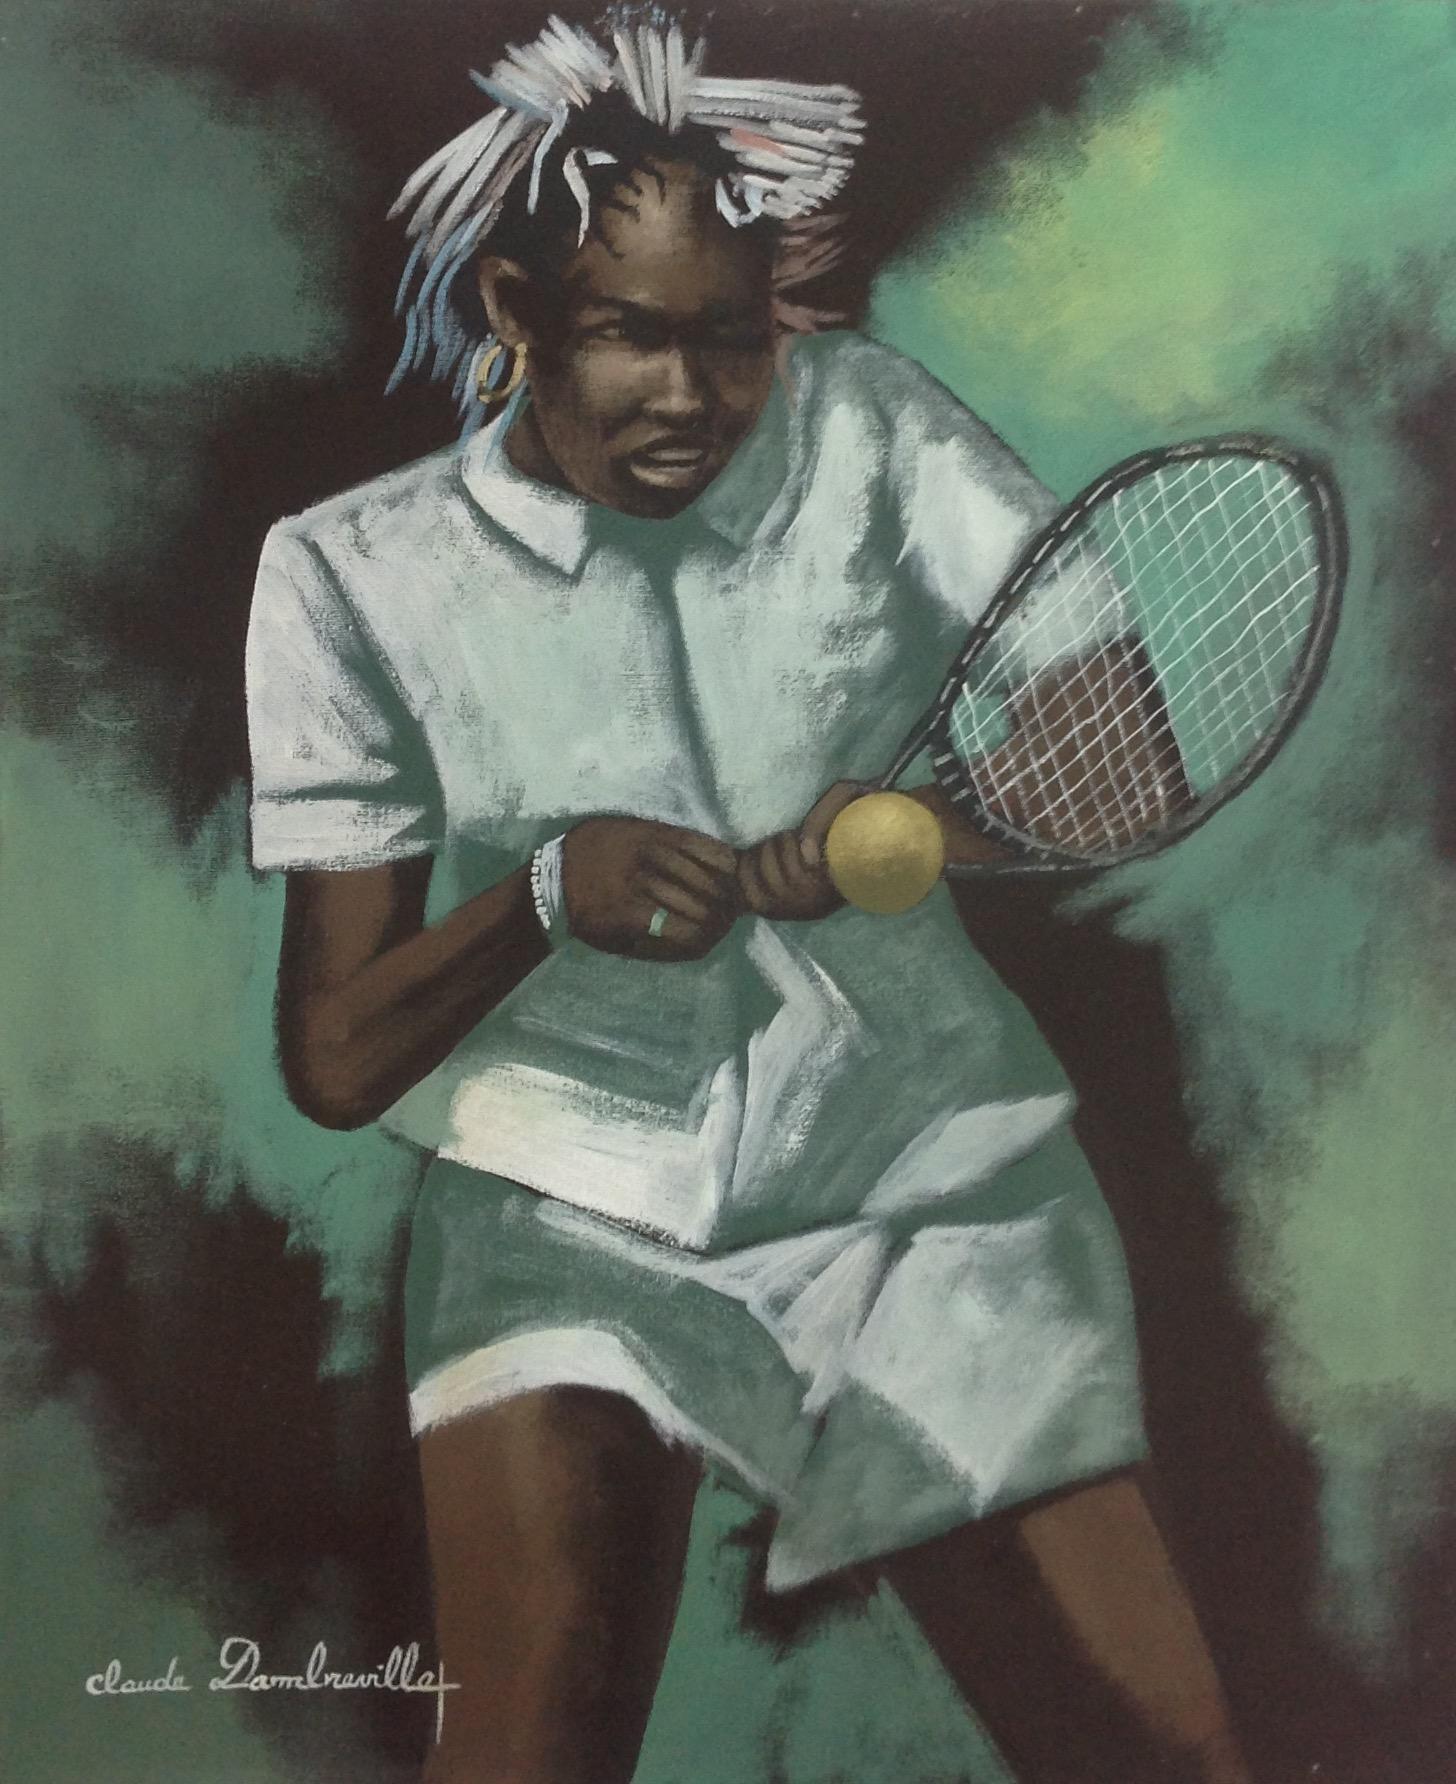 Dambreville Claude 20X24 #258-3-96 canvas 1999